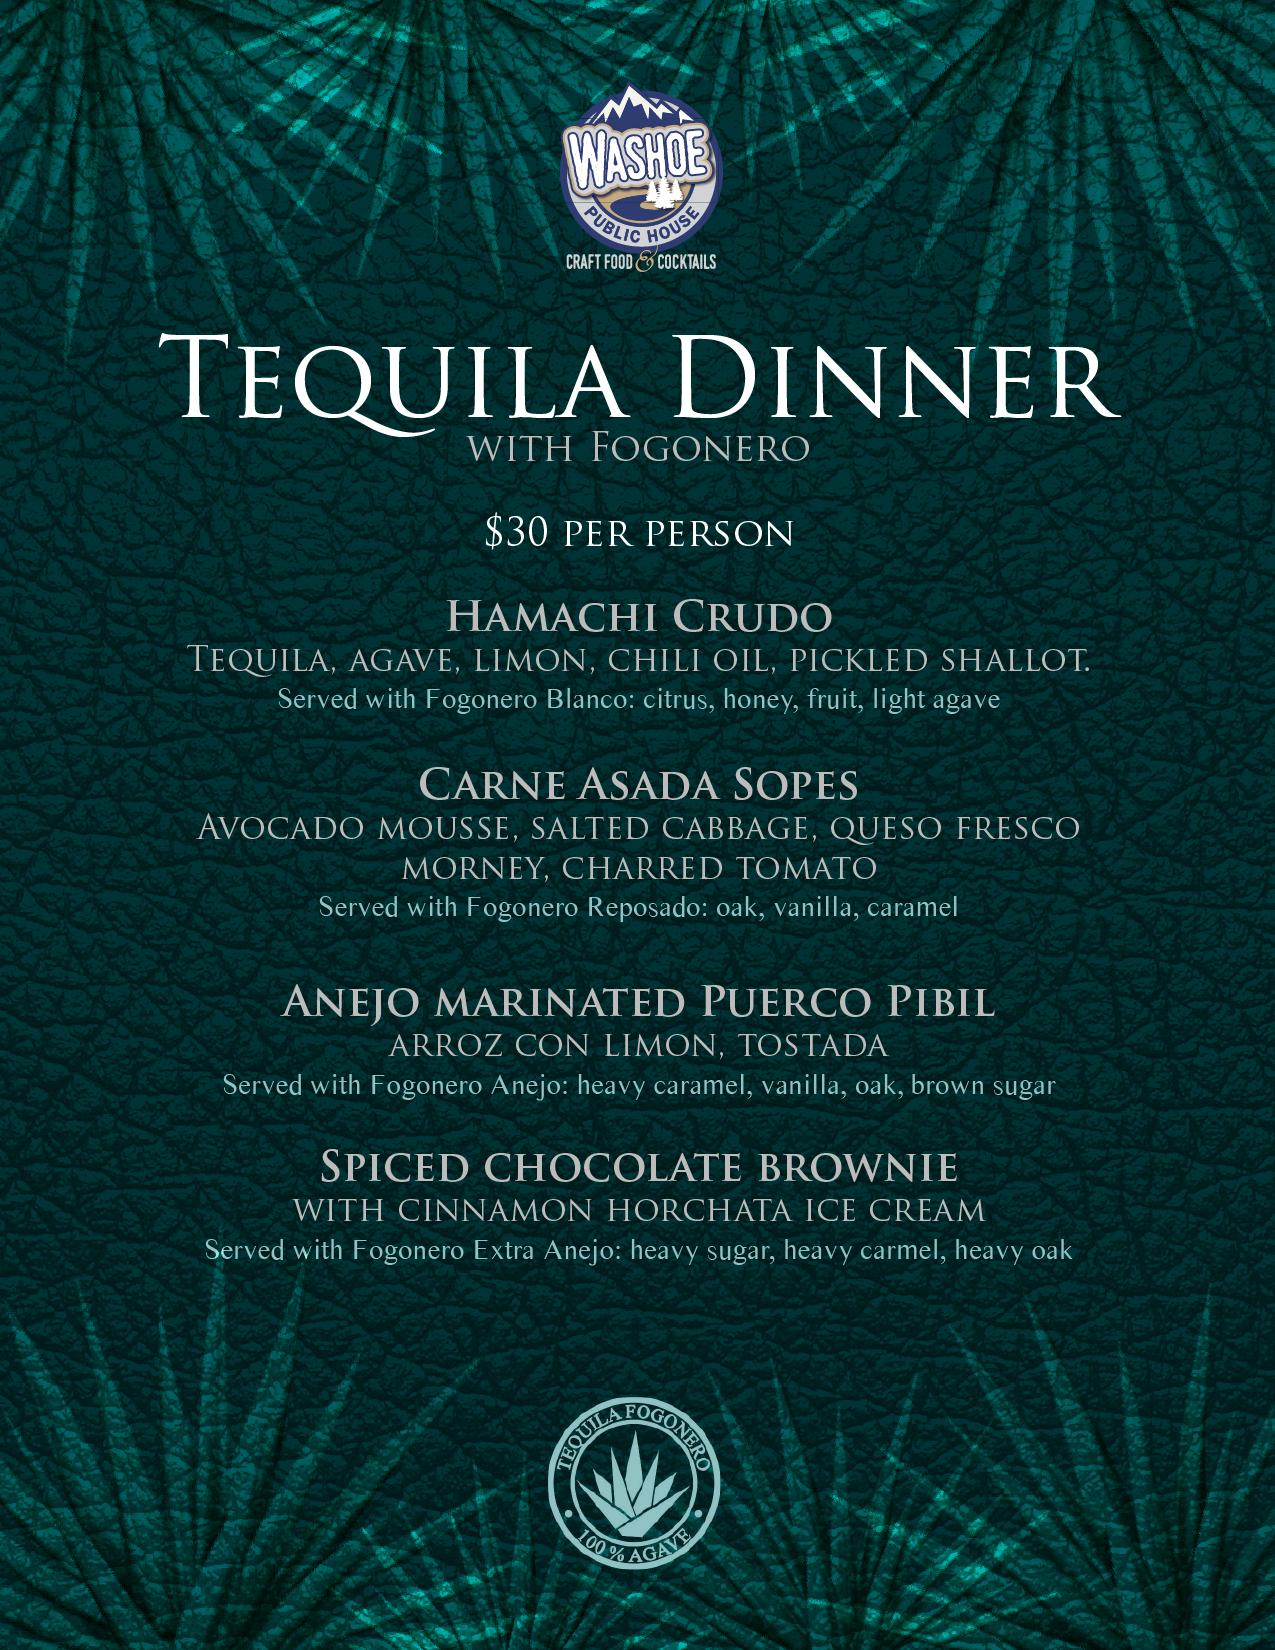 tequila_dinner_menu-01.png